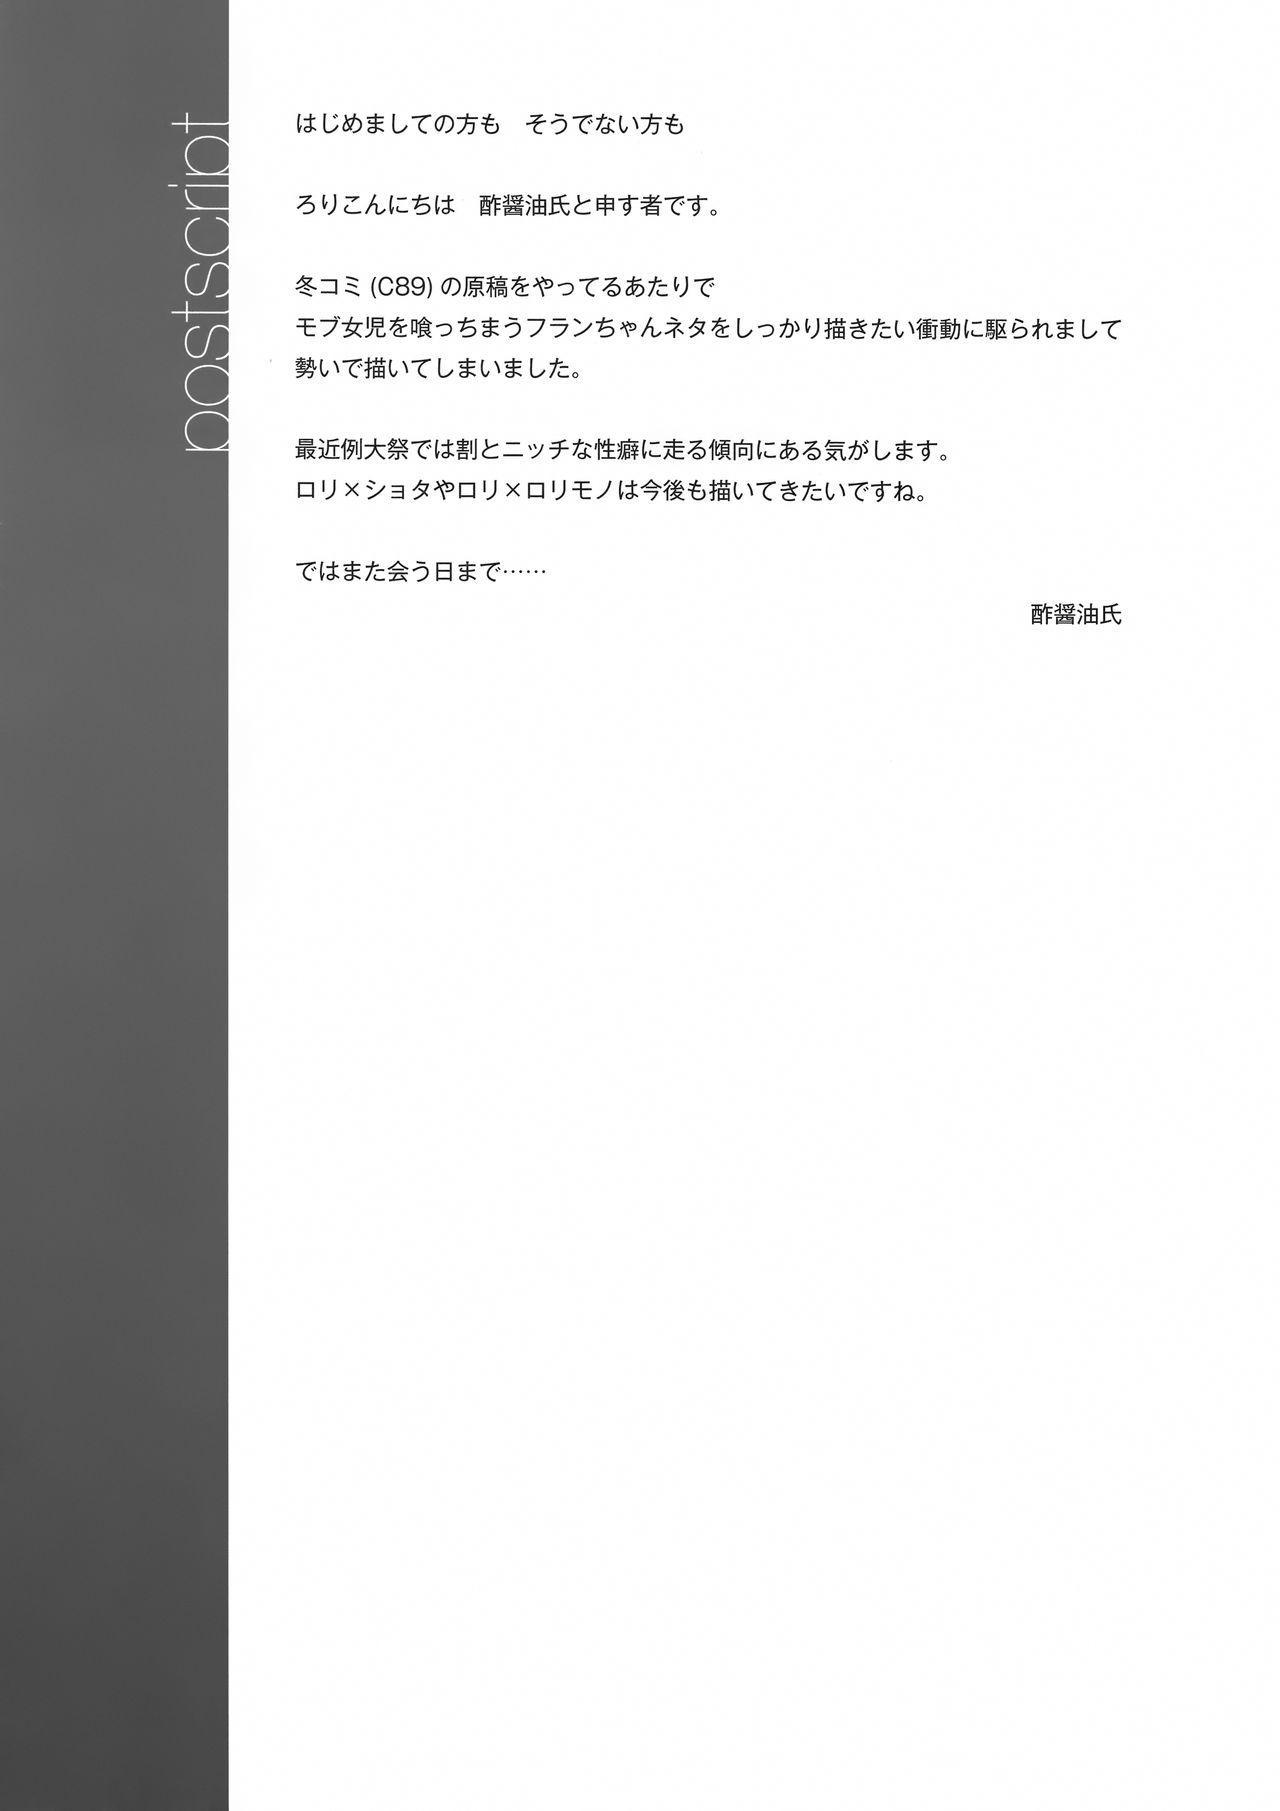 Aru Hi Mori no Naka Flan-chan ni Deatta. 19